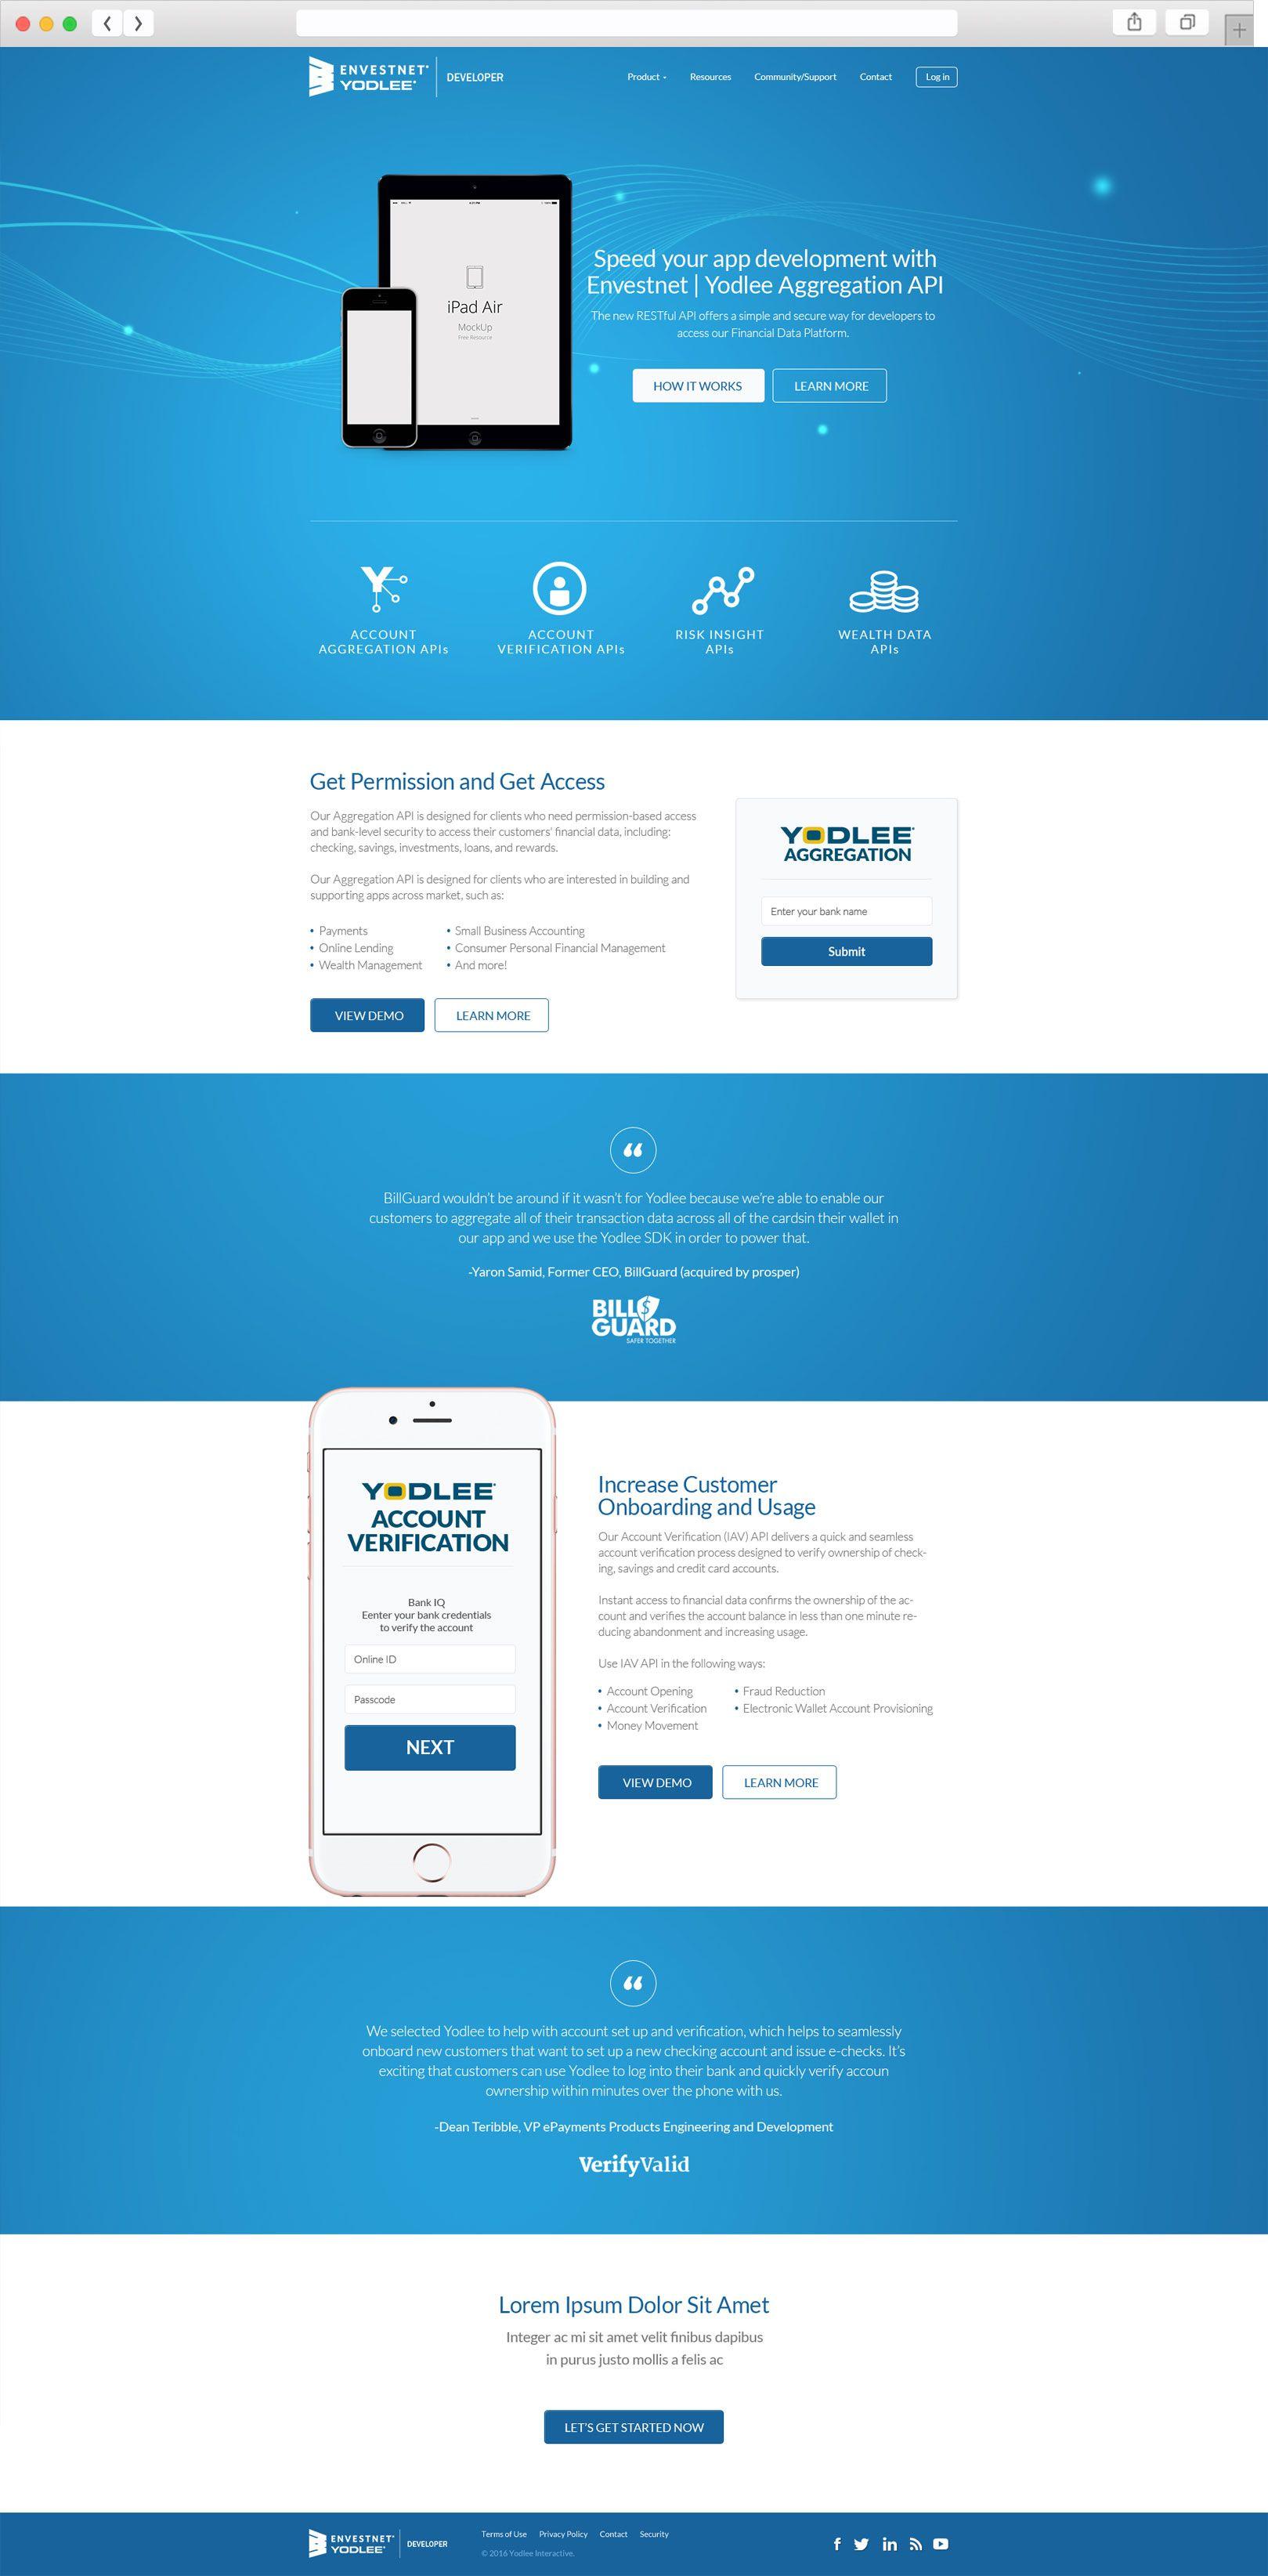 Yodlee Envestnet Website Design Web Design Agency Web Design Best Web